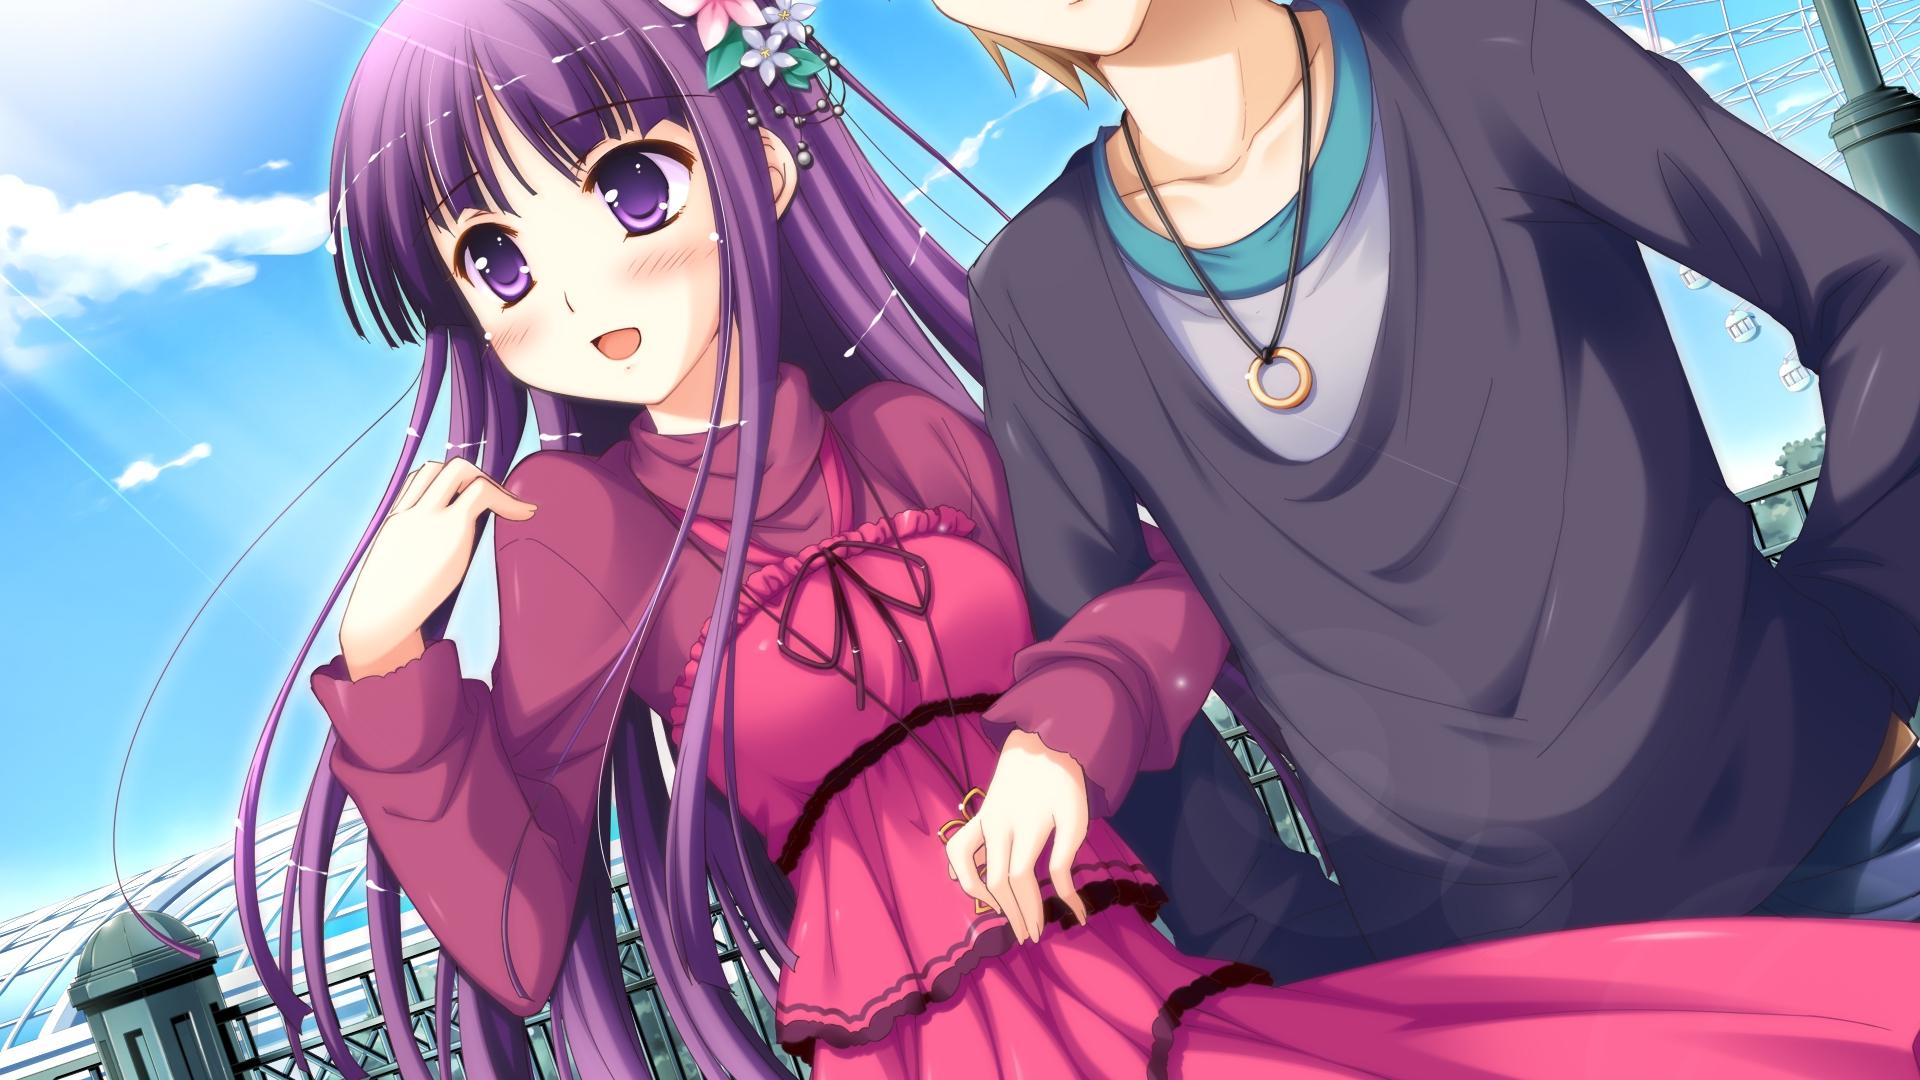 game_cg iro_ni_ide_ni_keri_waga_koi_wa ko~cha tenjo_kikyou windmill_(company)